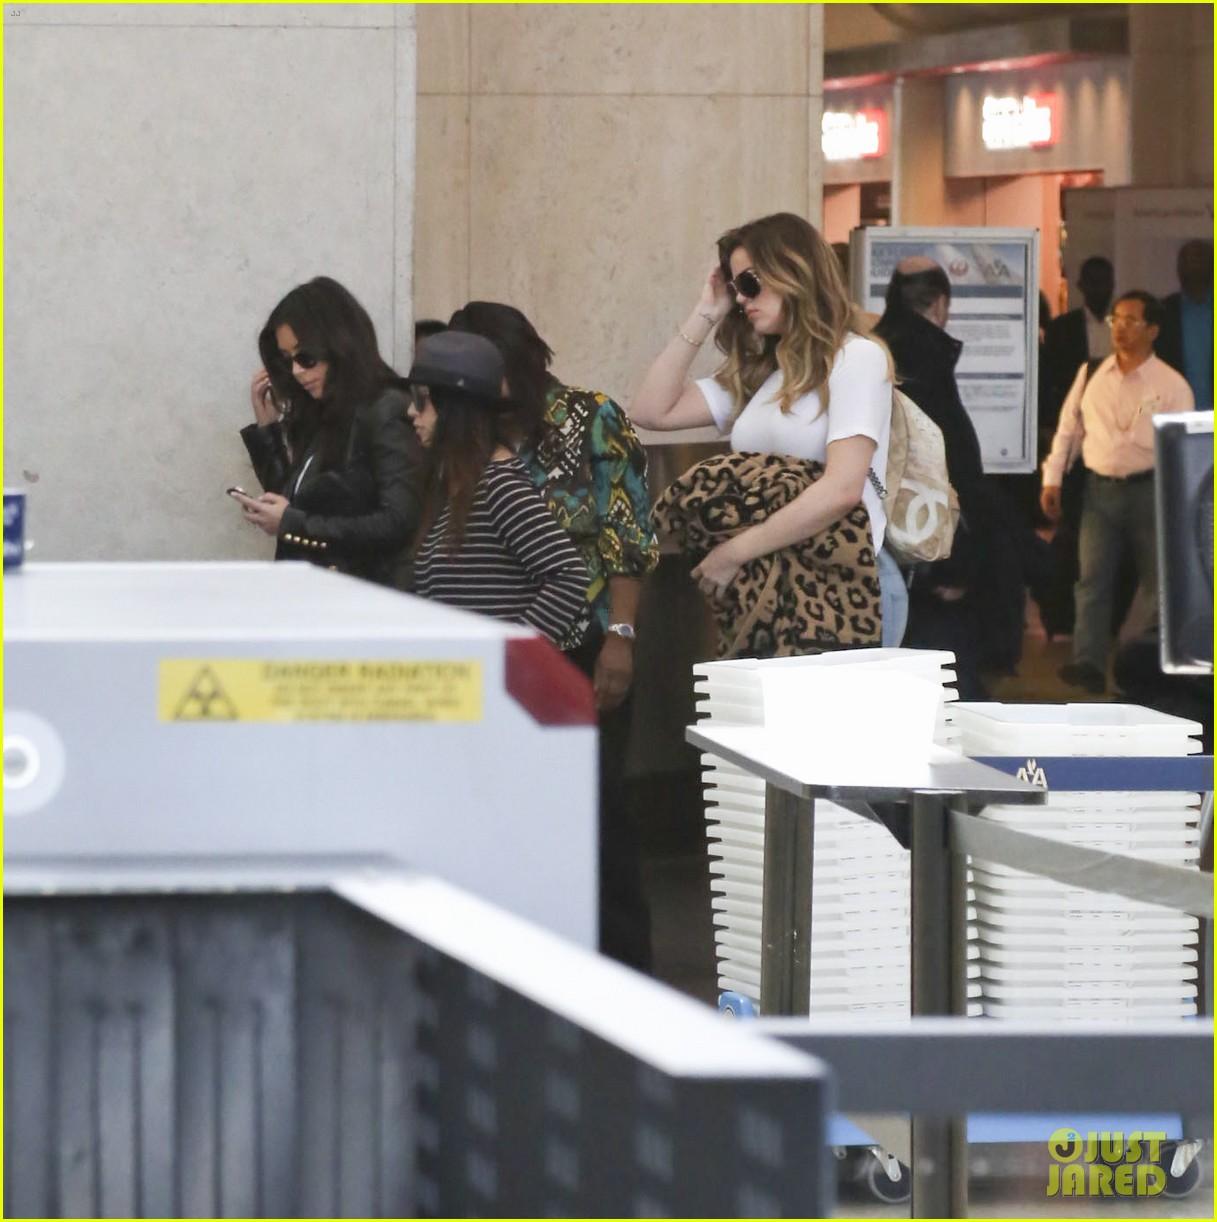 kim kourtney khloe kardashian back in los angeles after miami trip 213071384